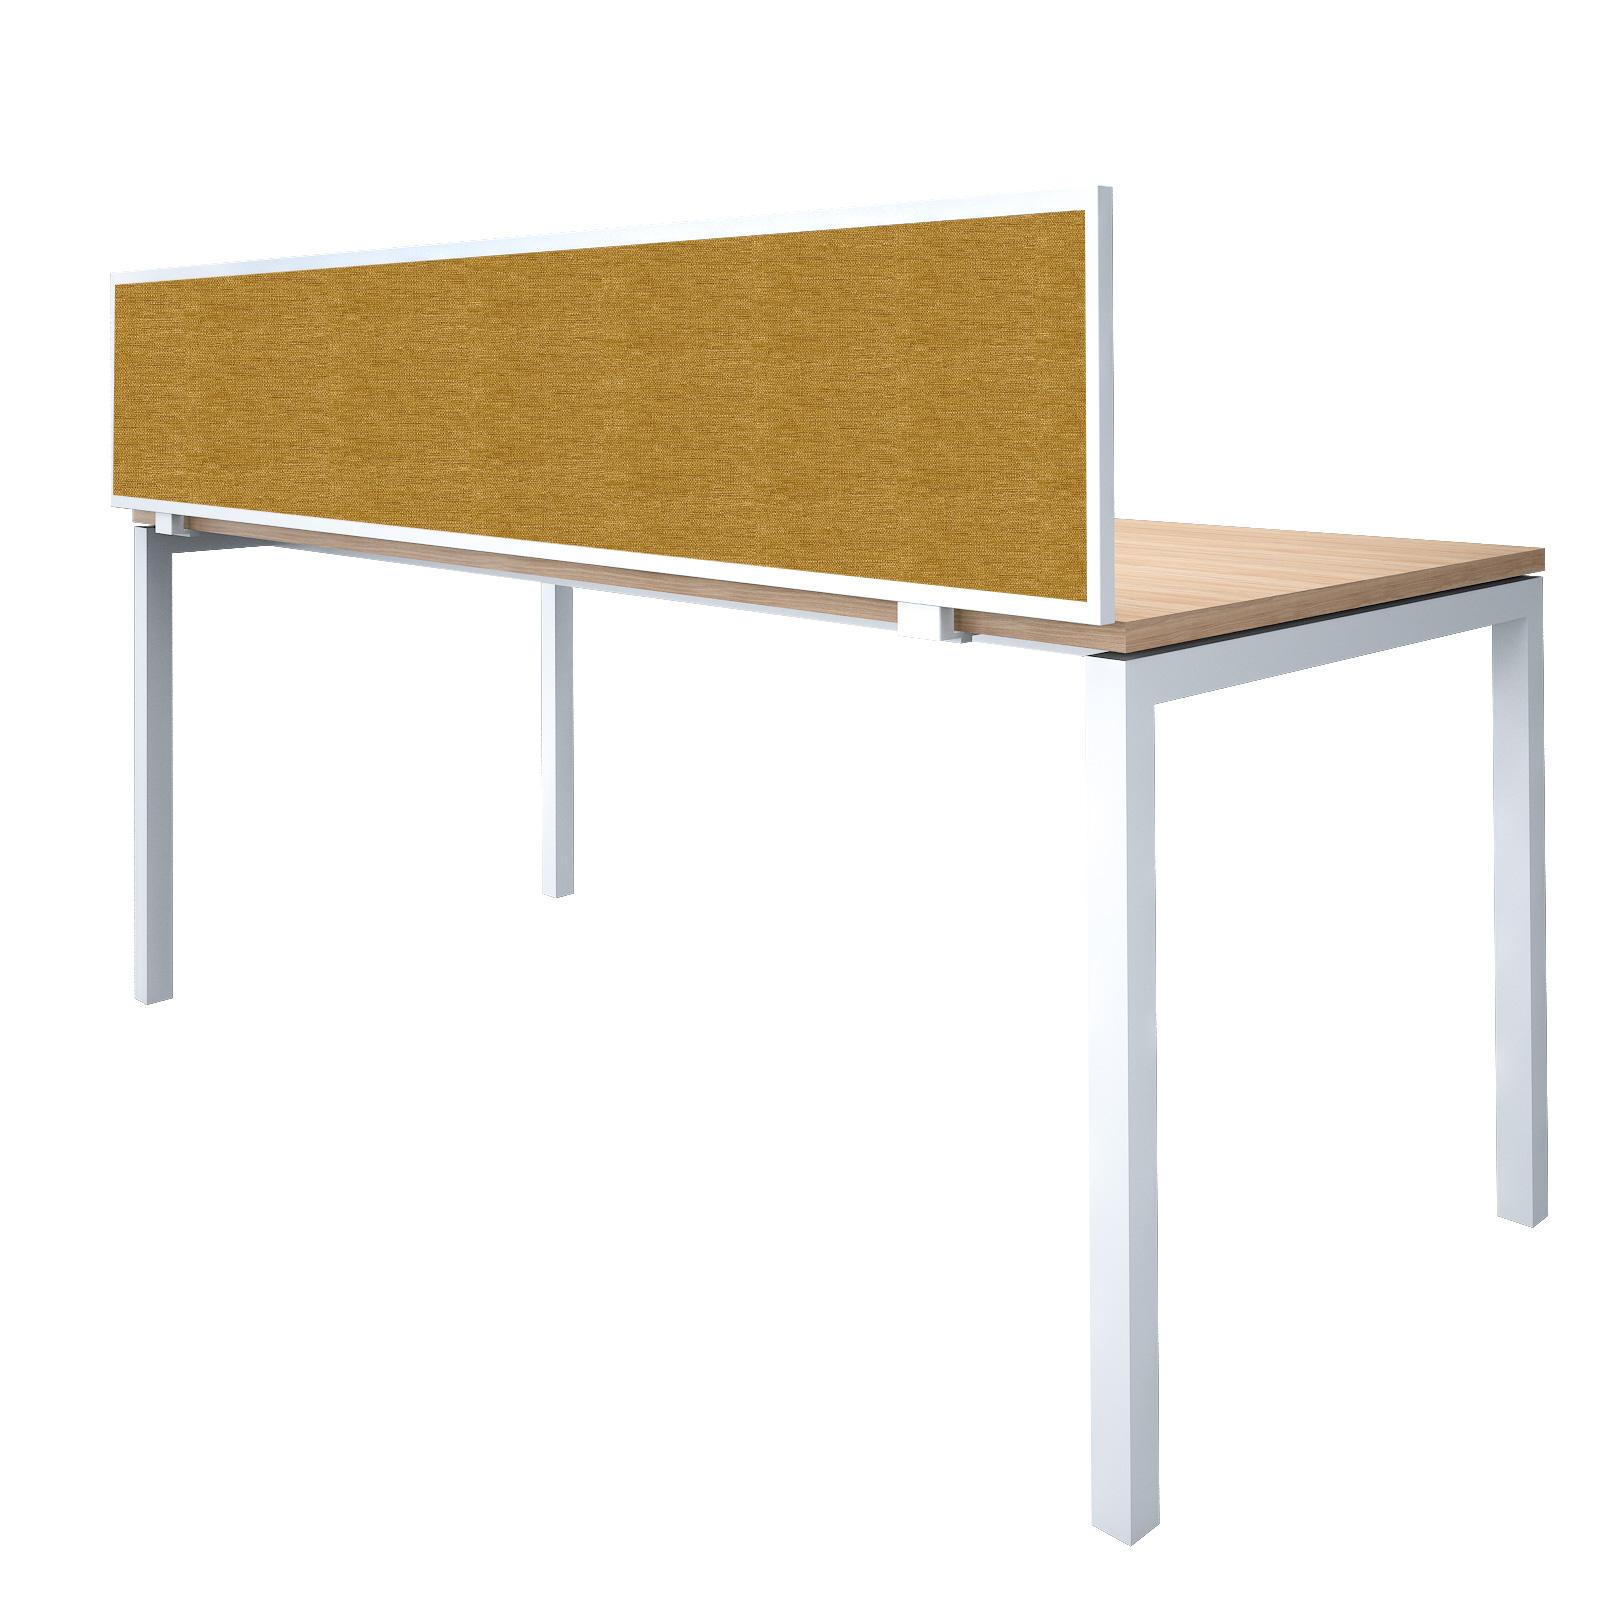 Tisch-Trennwand mit Metallrahmen Sichtschutz Raumteiler UNI